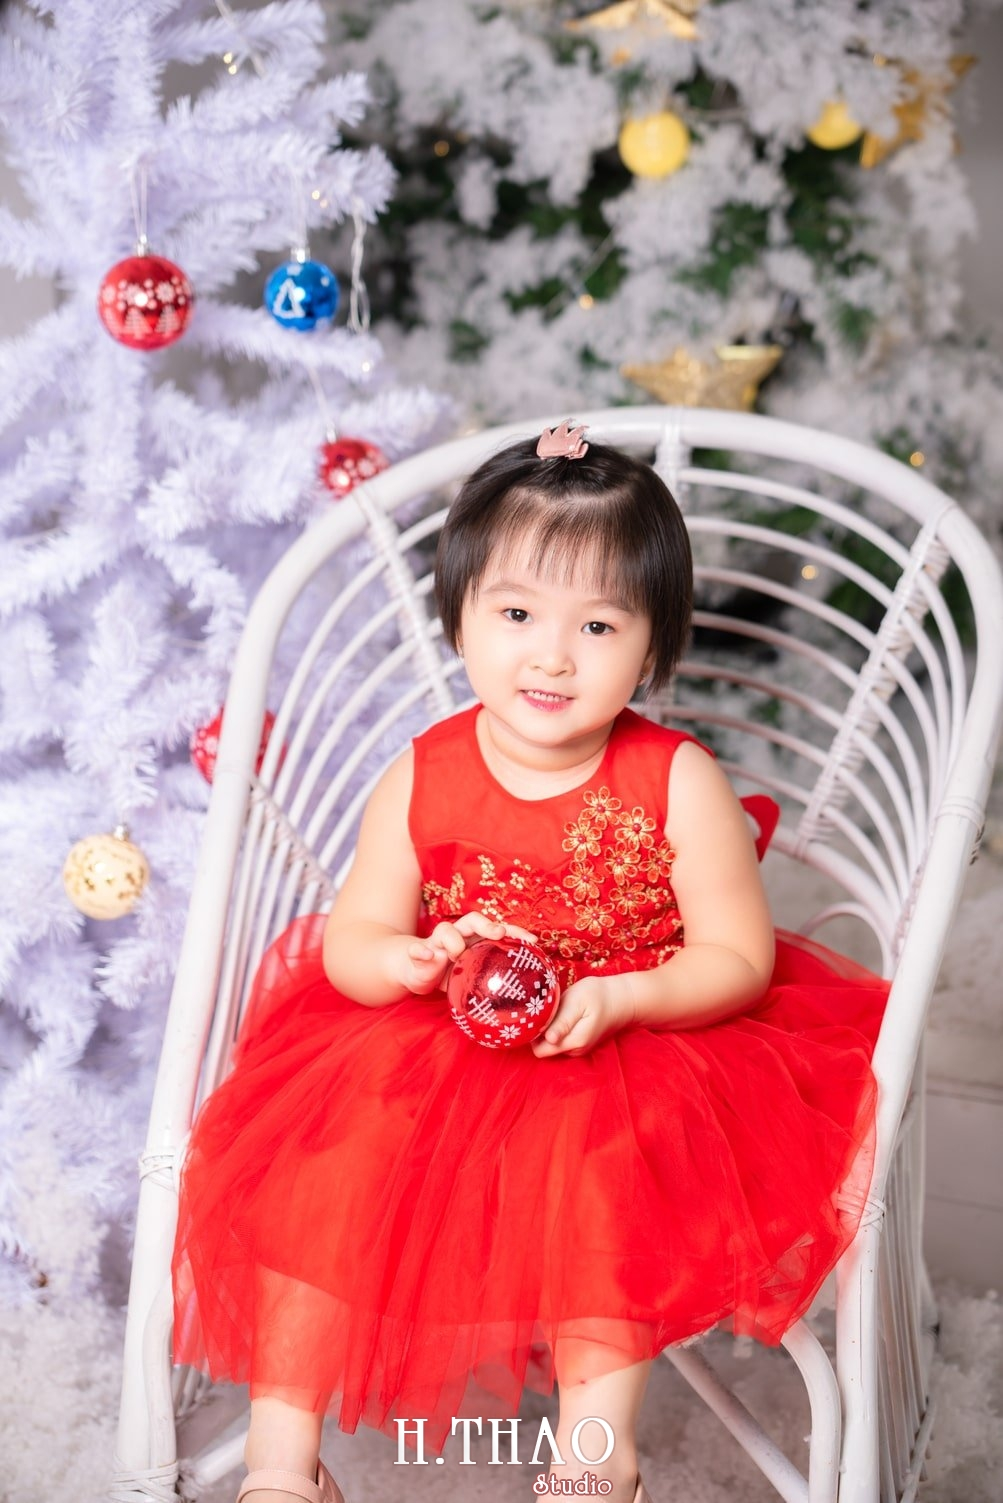 Anh be noel 18 - Album ảnh noel chụp cho con gái cưng chị Linh - HThao Studio